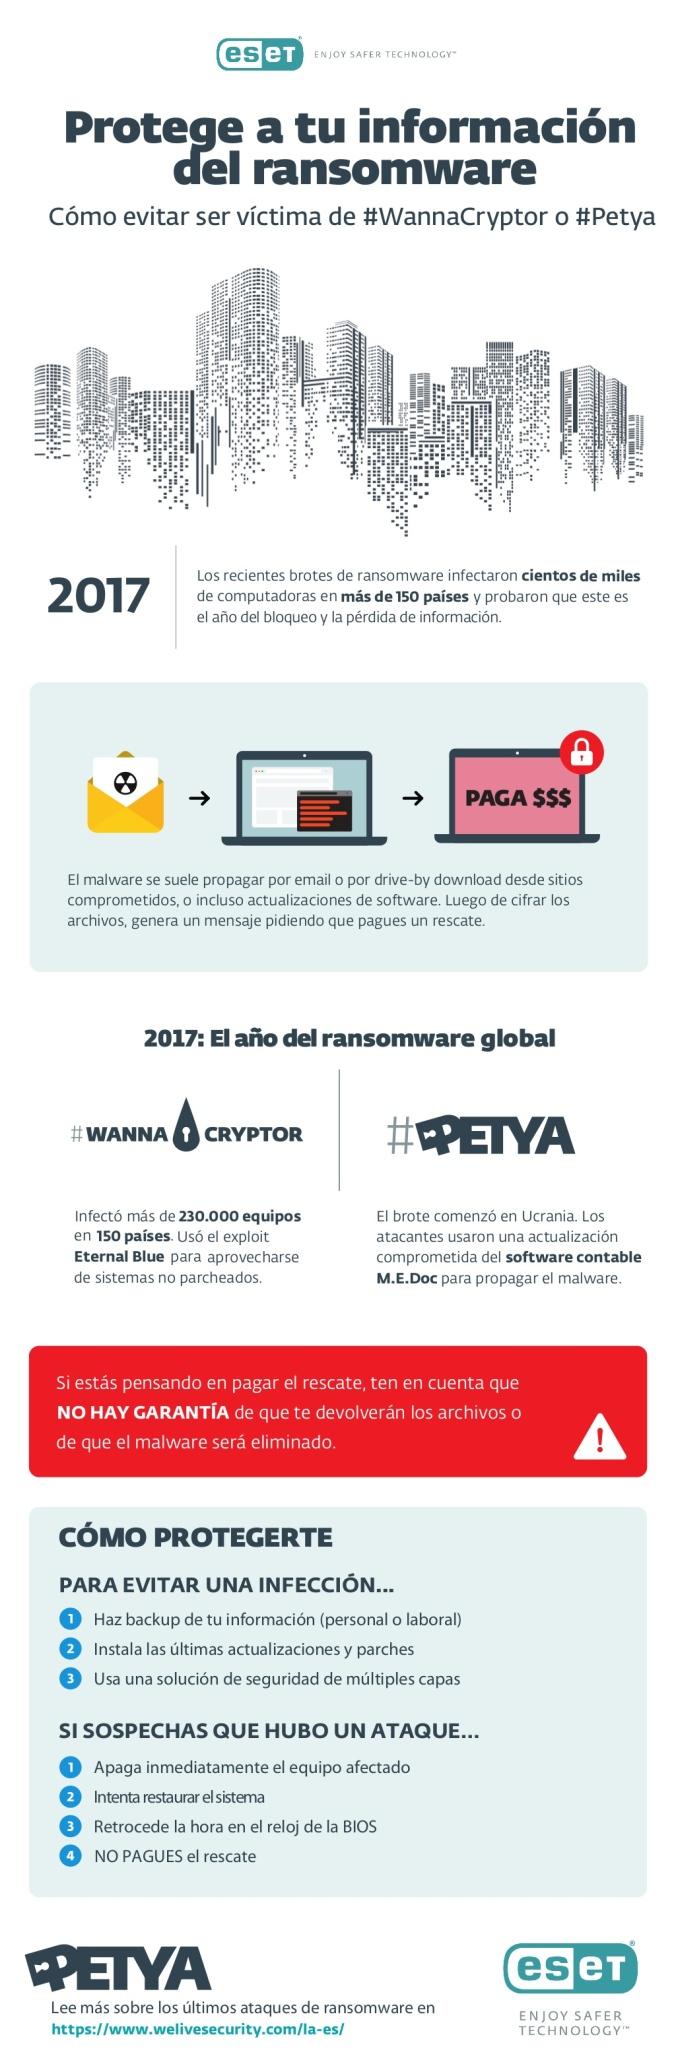 Protege tu información del ransomware